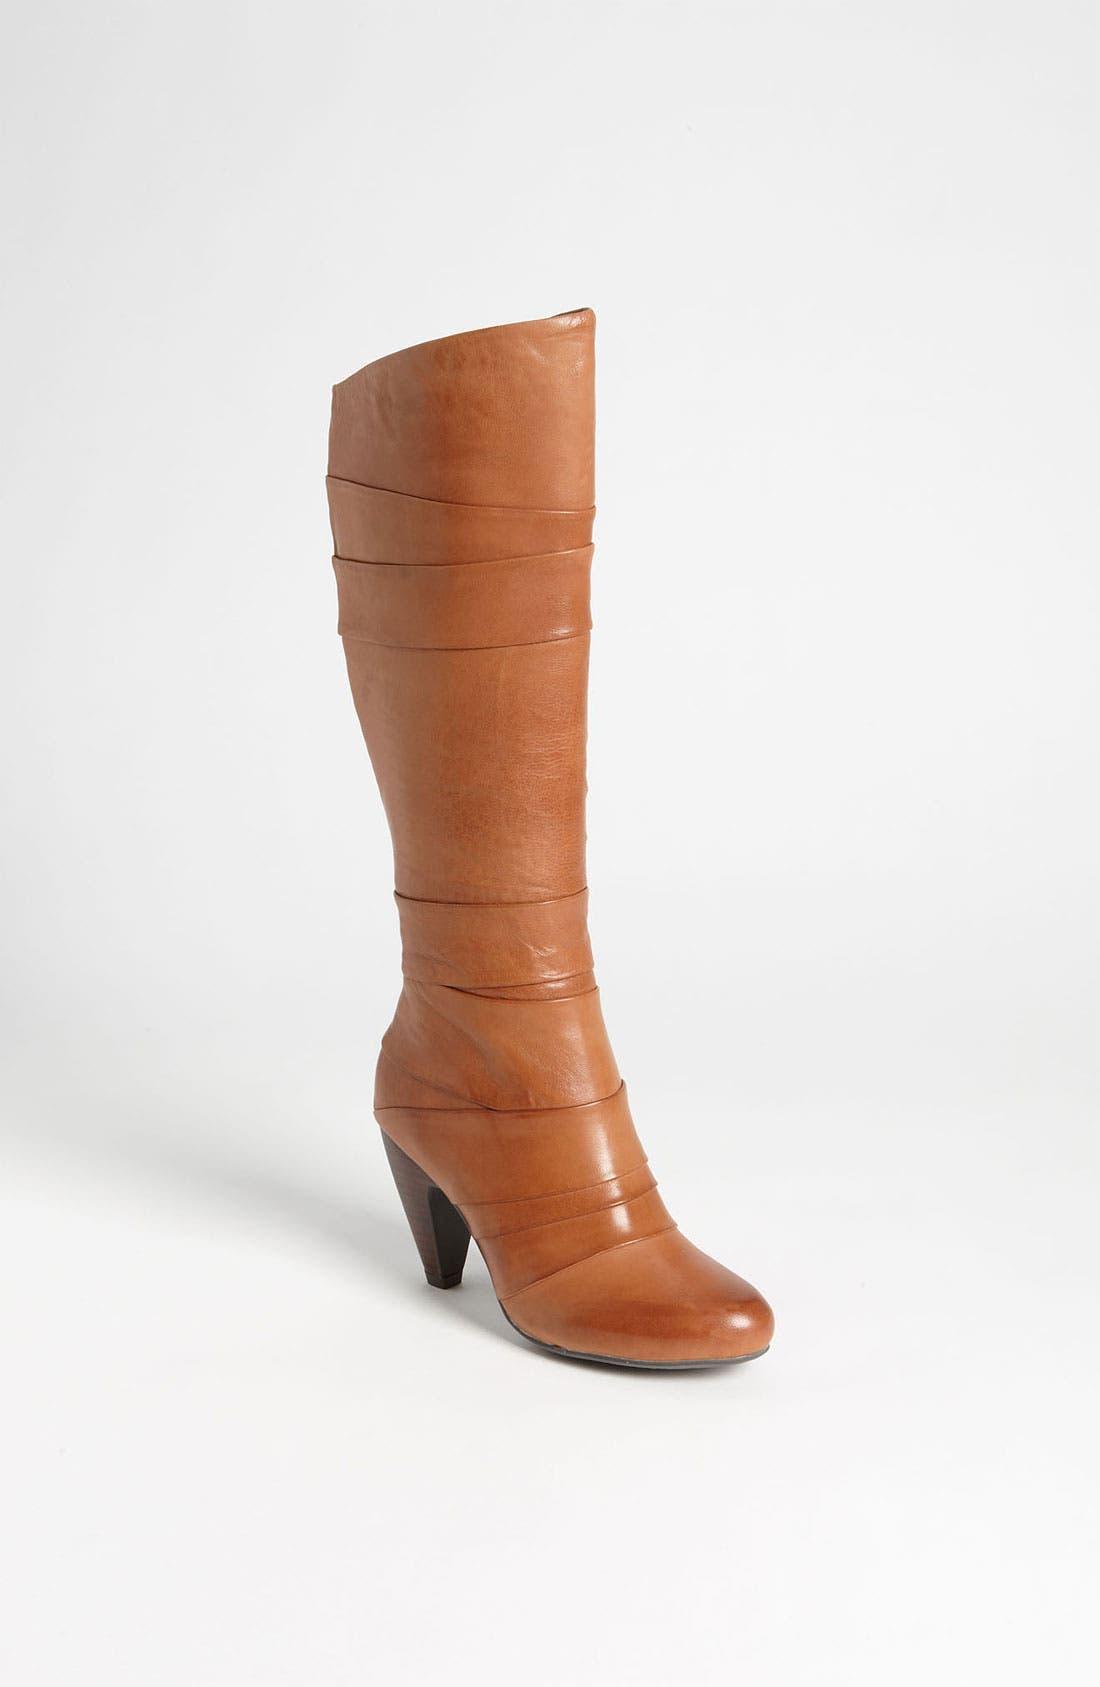 Main Image - Miz Mooz 'Feist' Boot